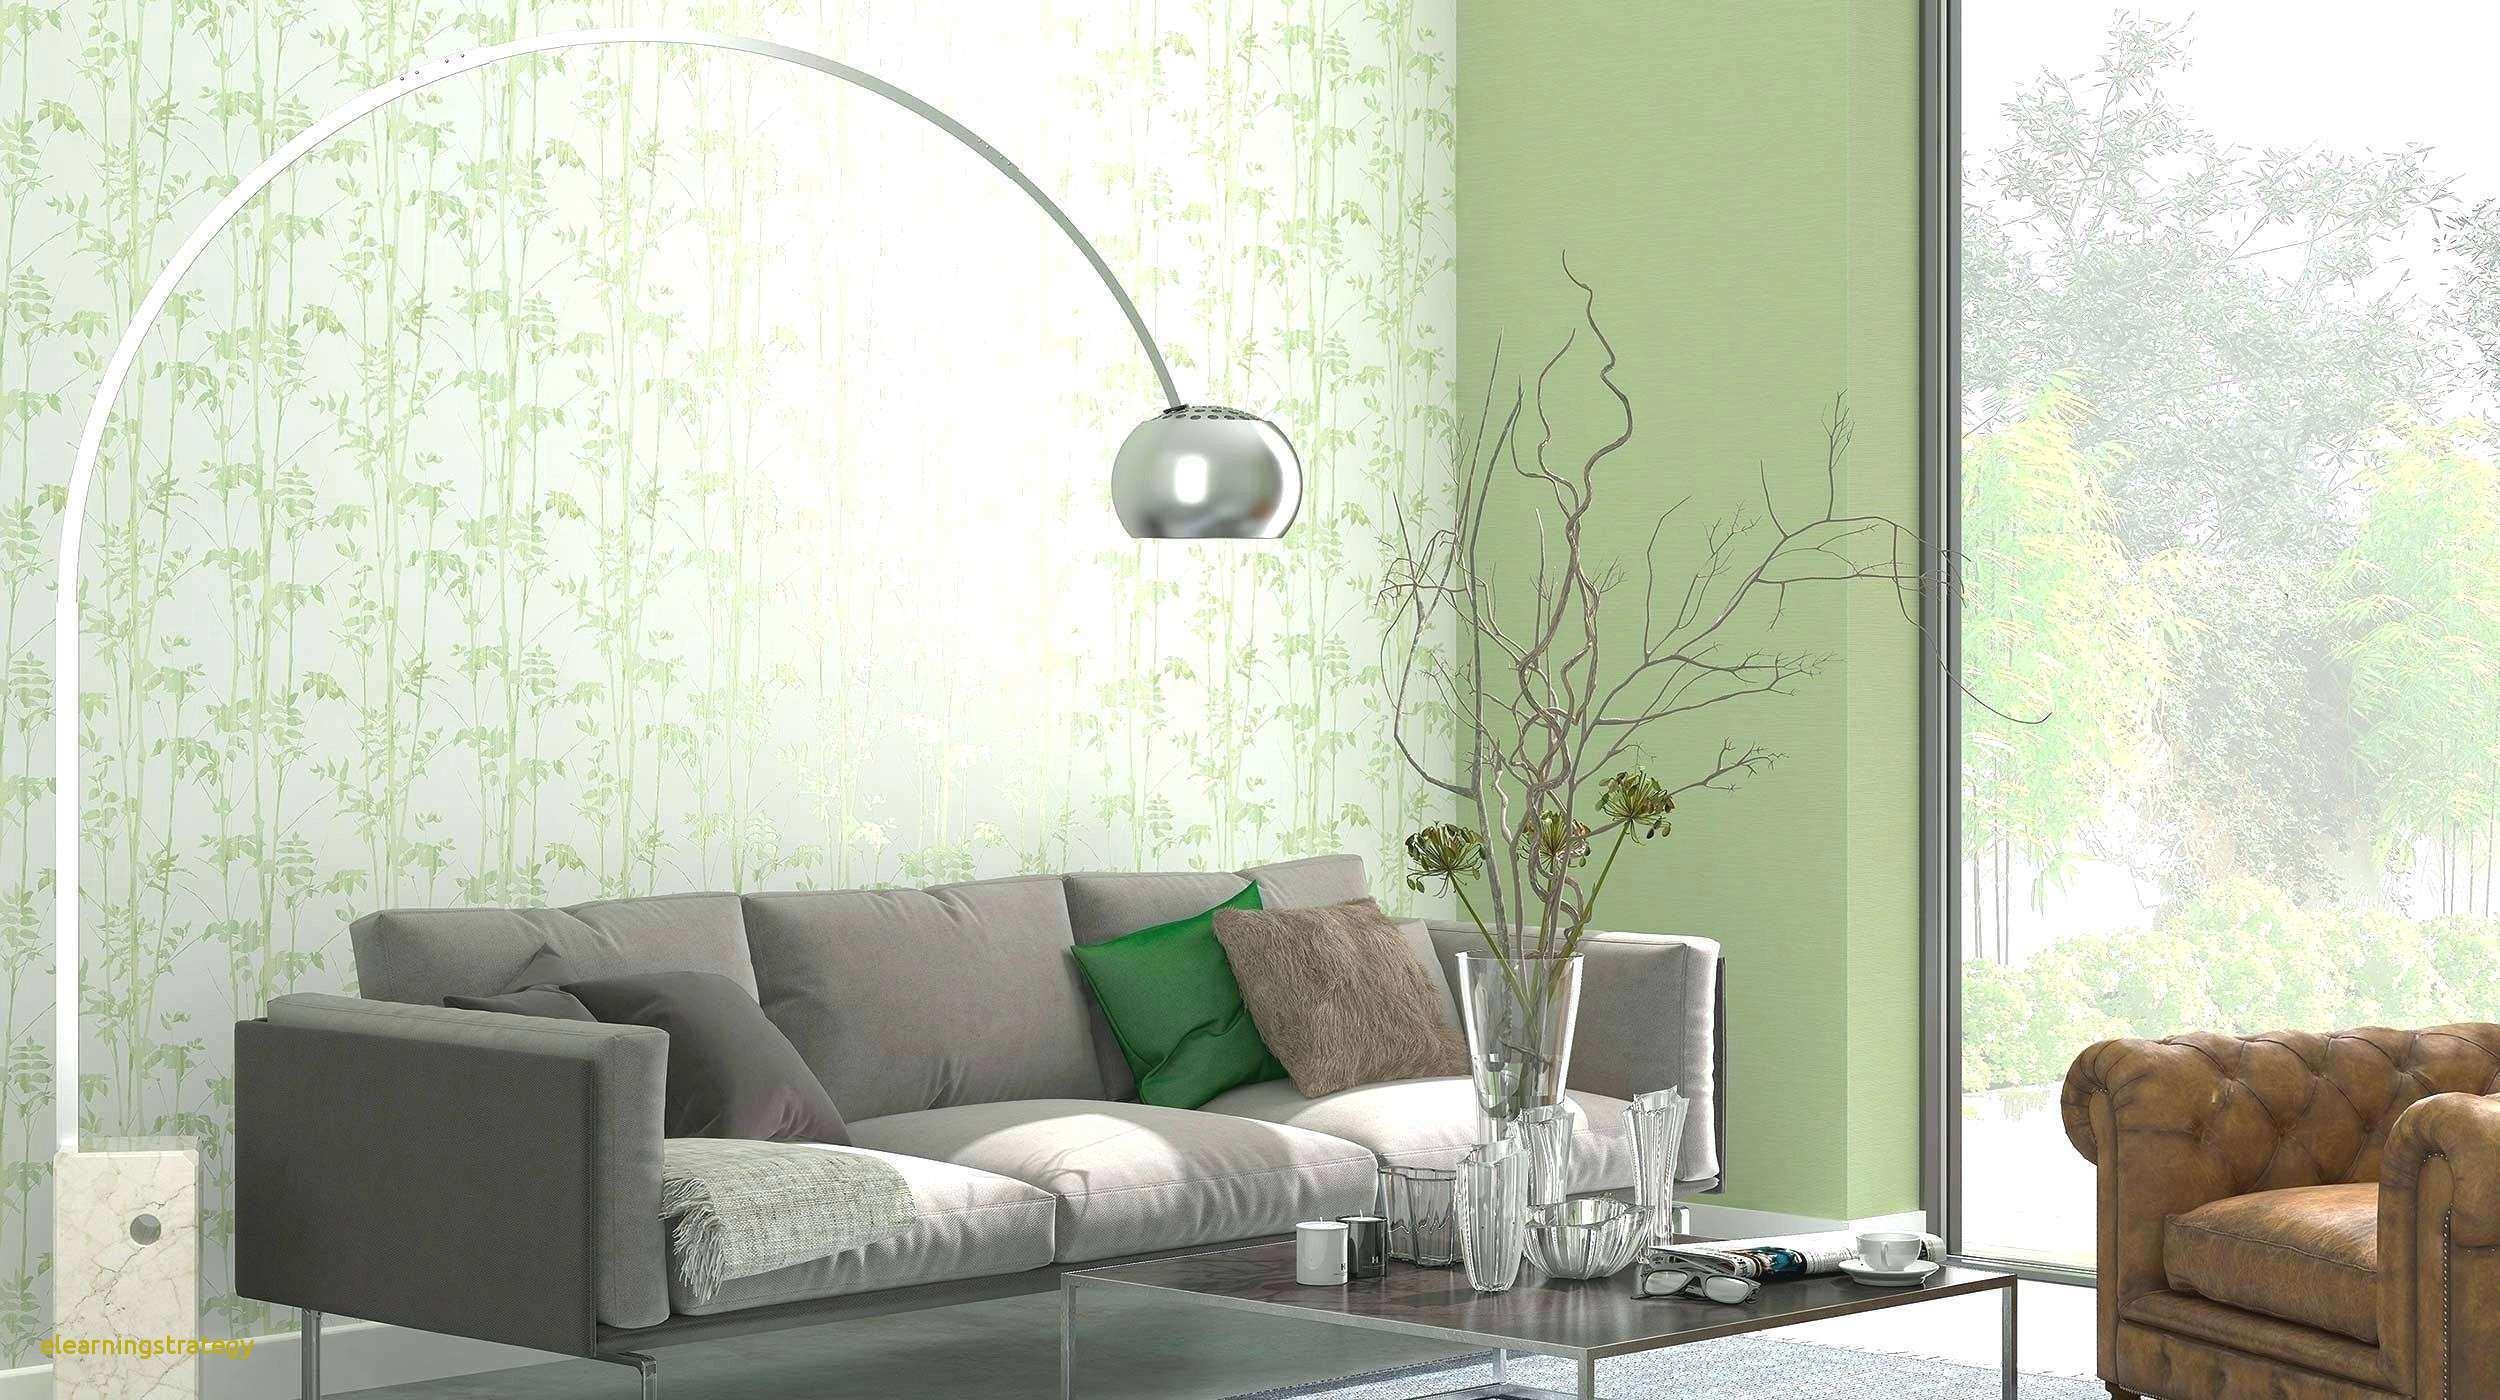 Möbelum Hochbett Schön sofa Weiß Günstig Schön Inspirational Hochbett Für Kleine